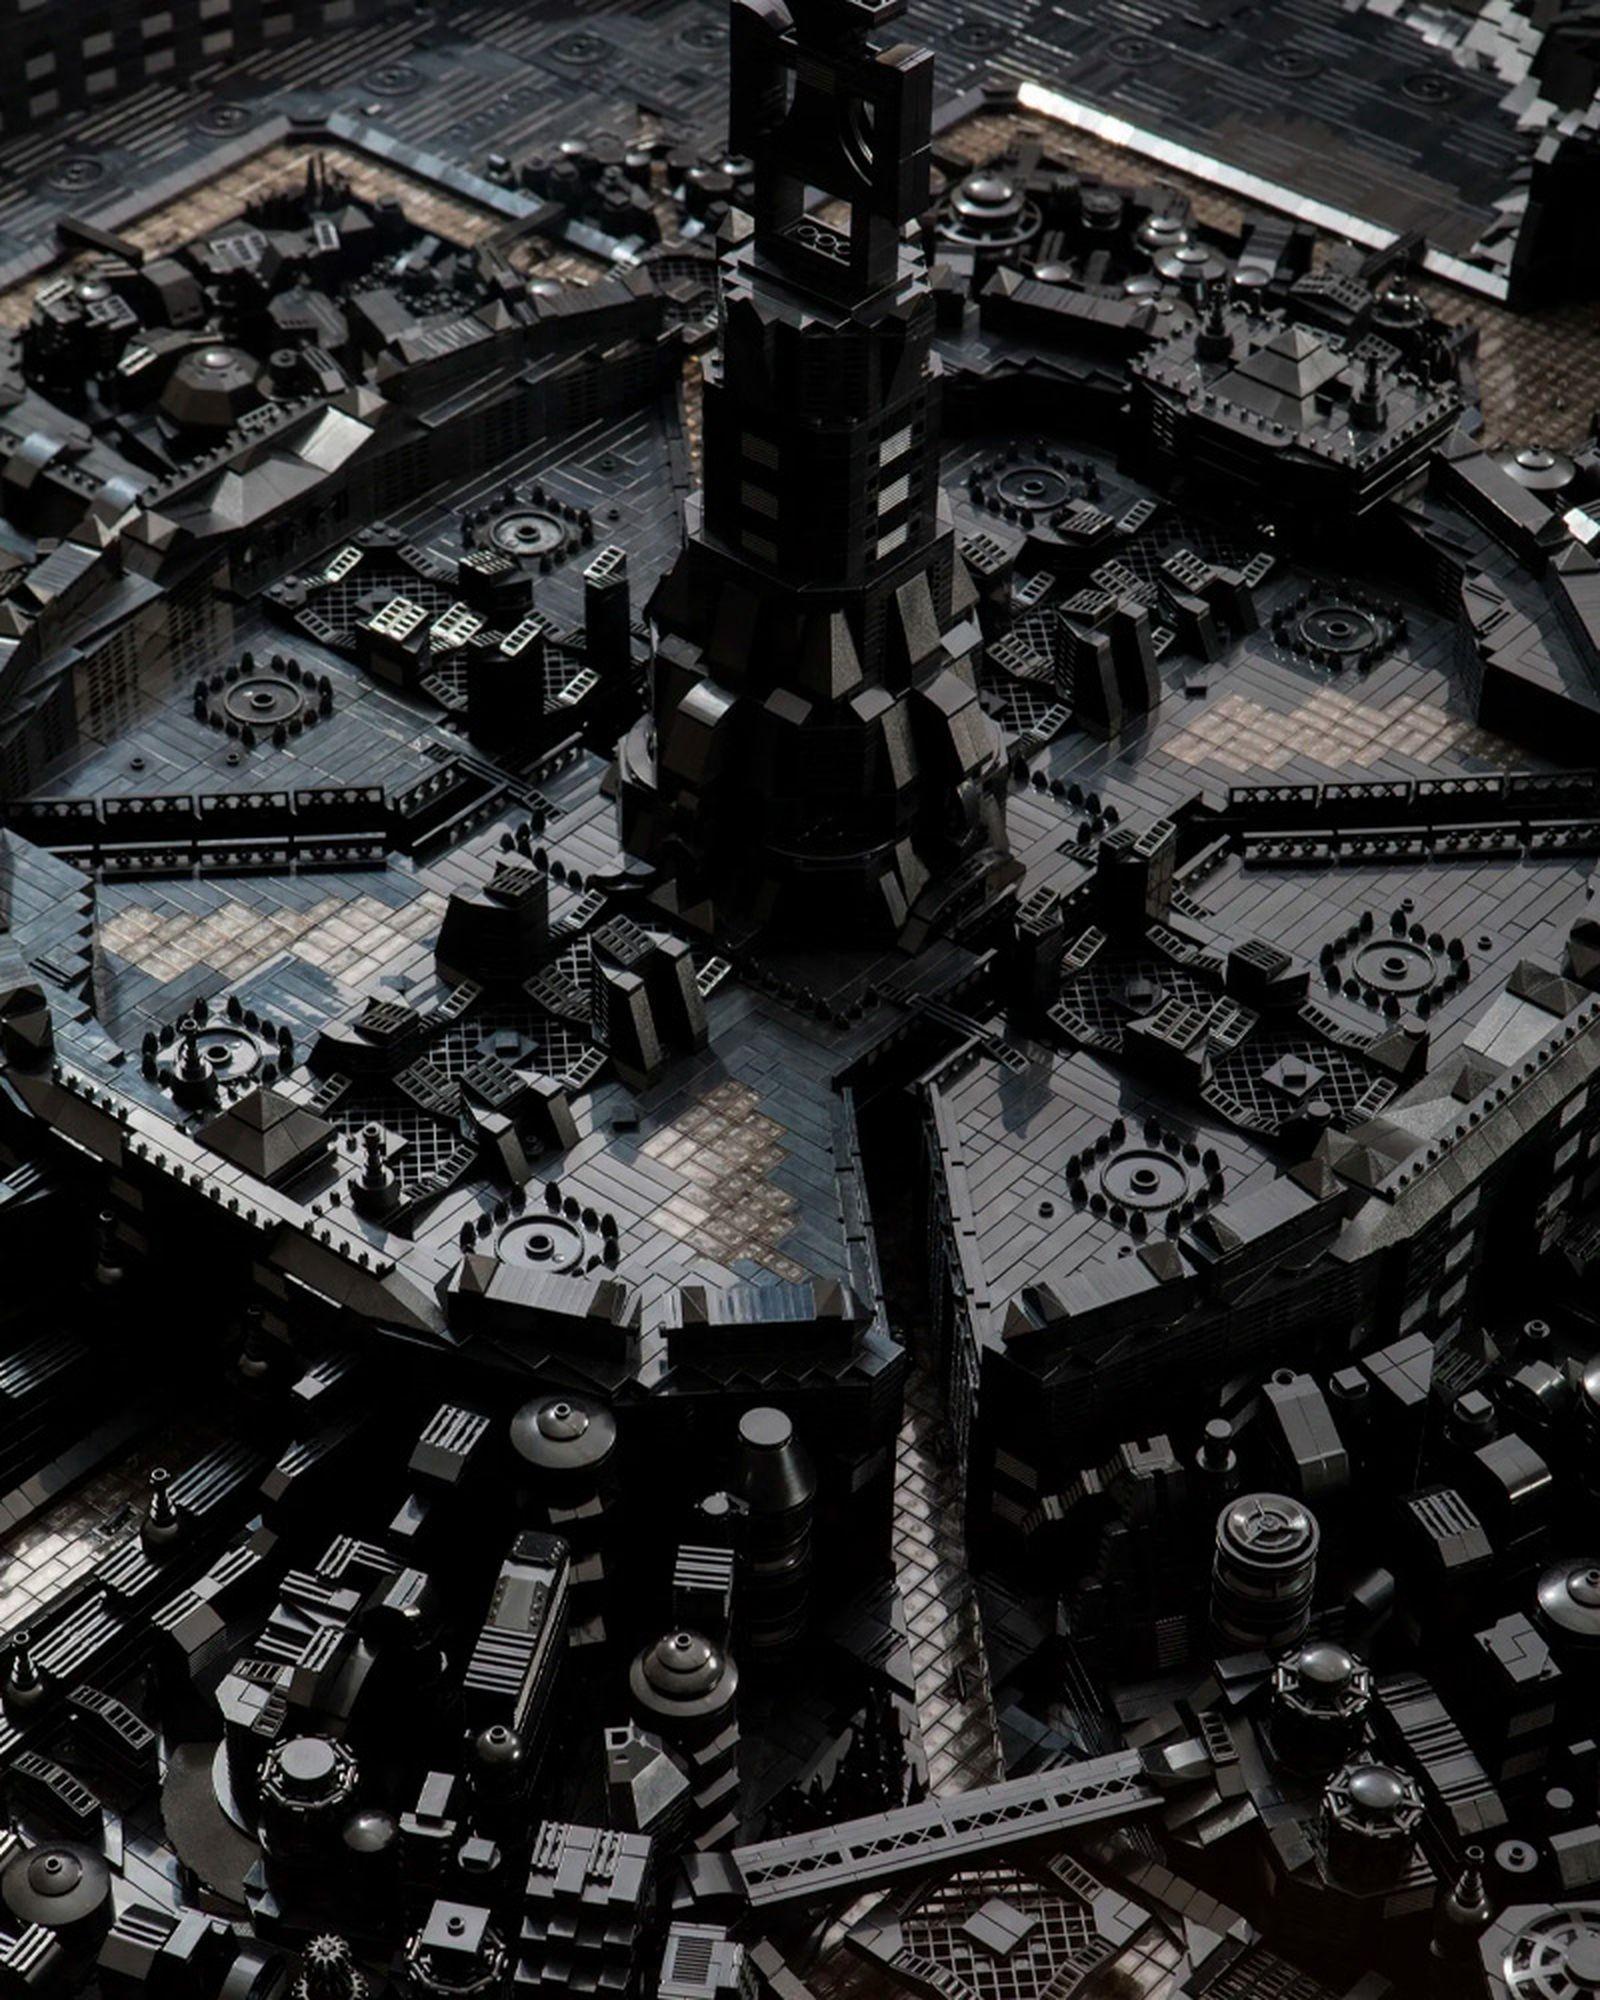 ekow-nimakos-lego-city-kumbi-saleh-3020-05